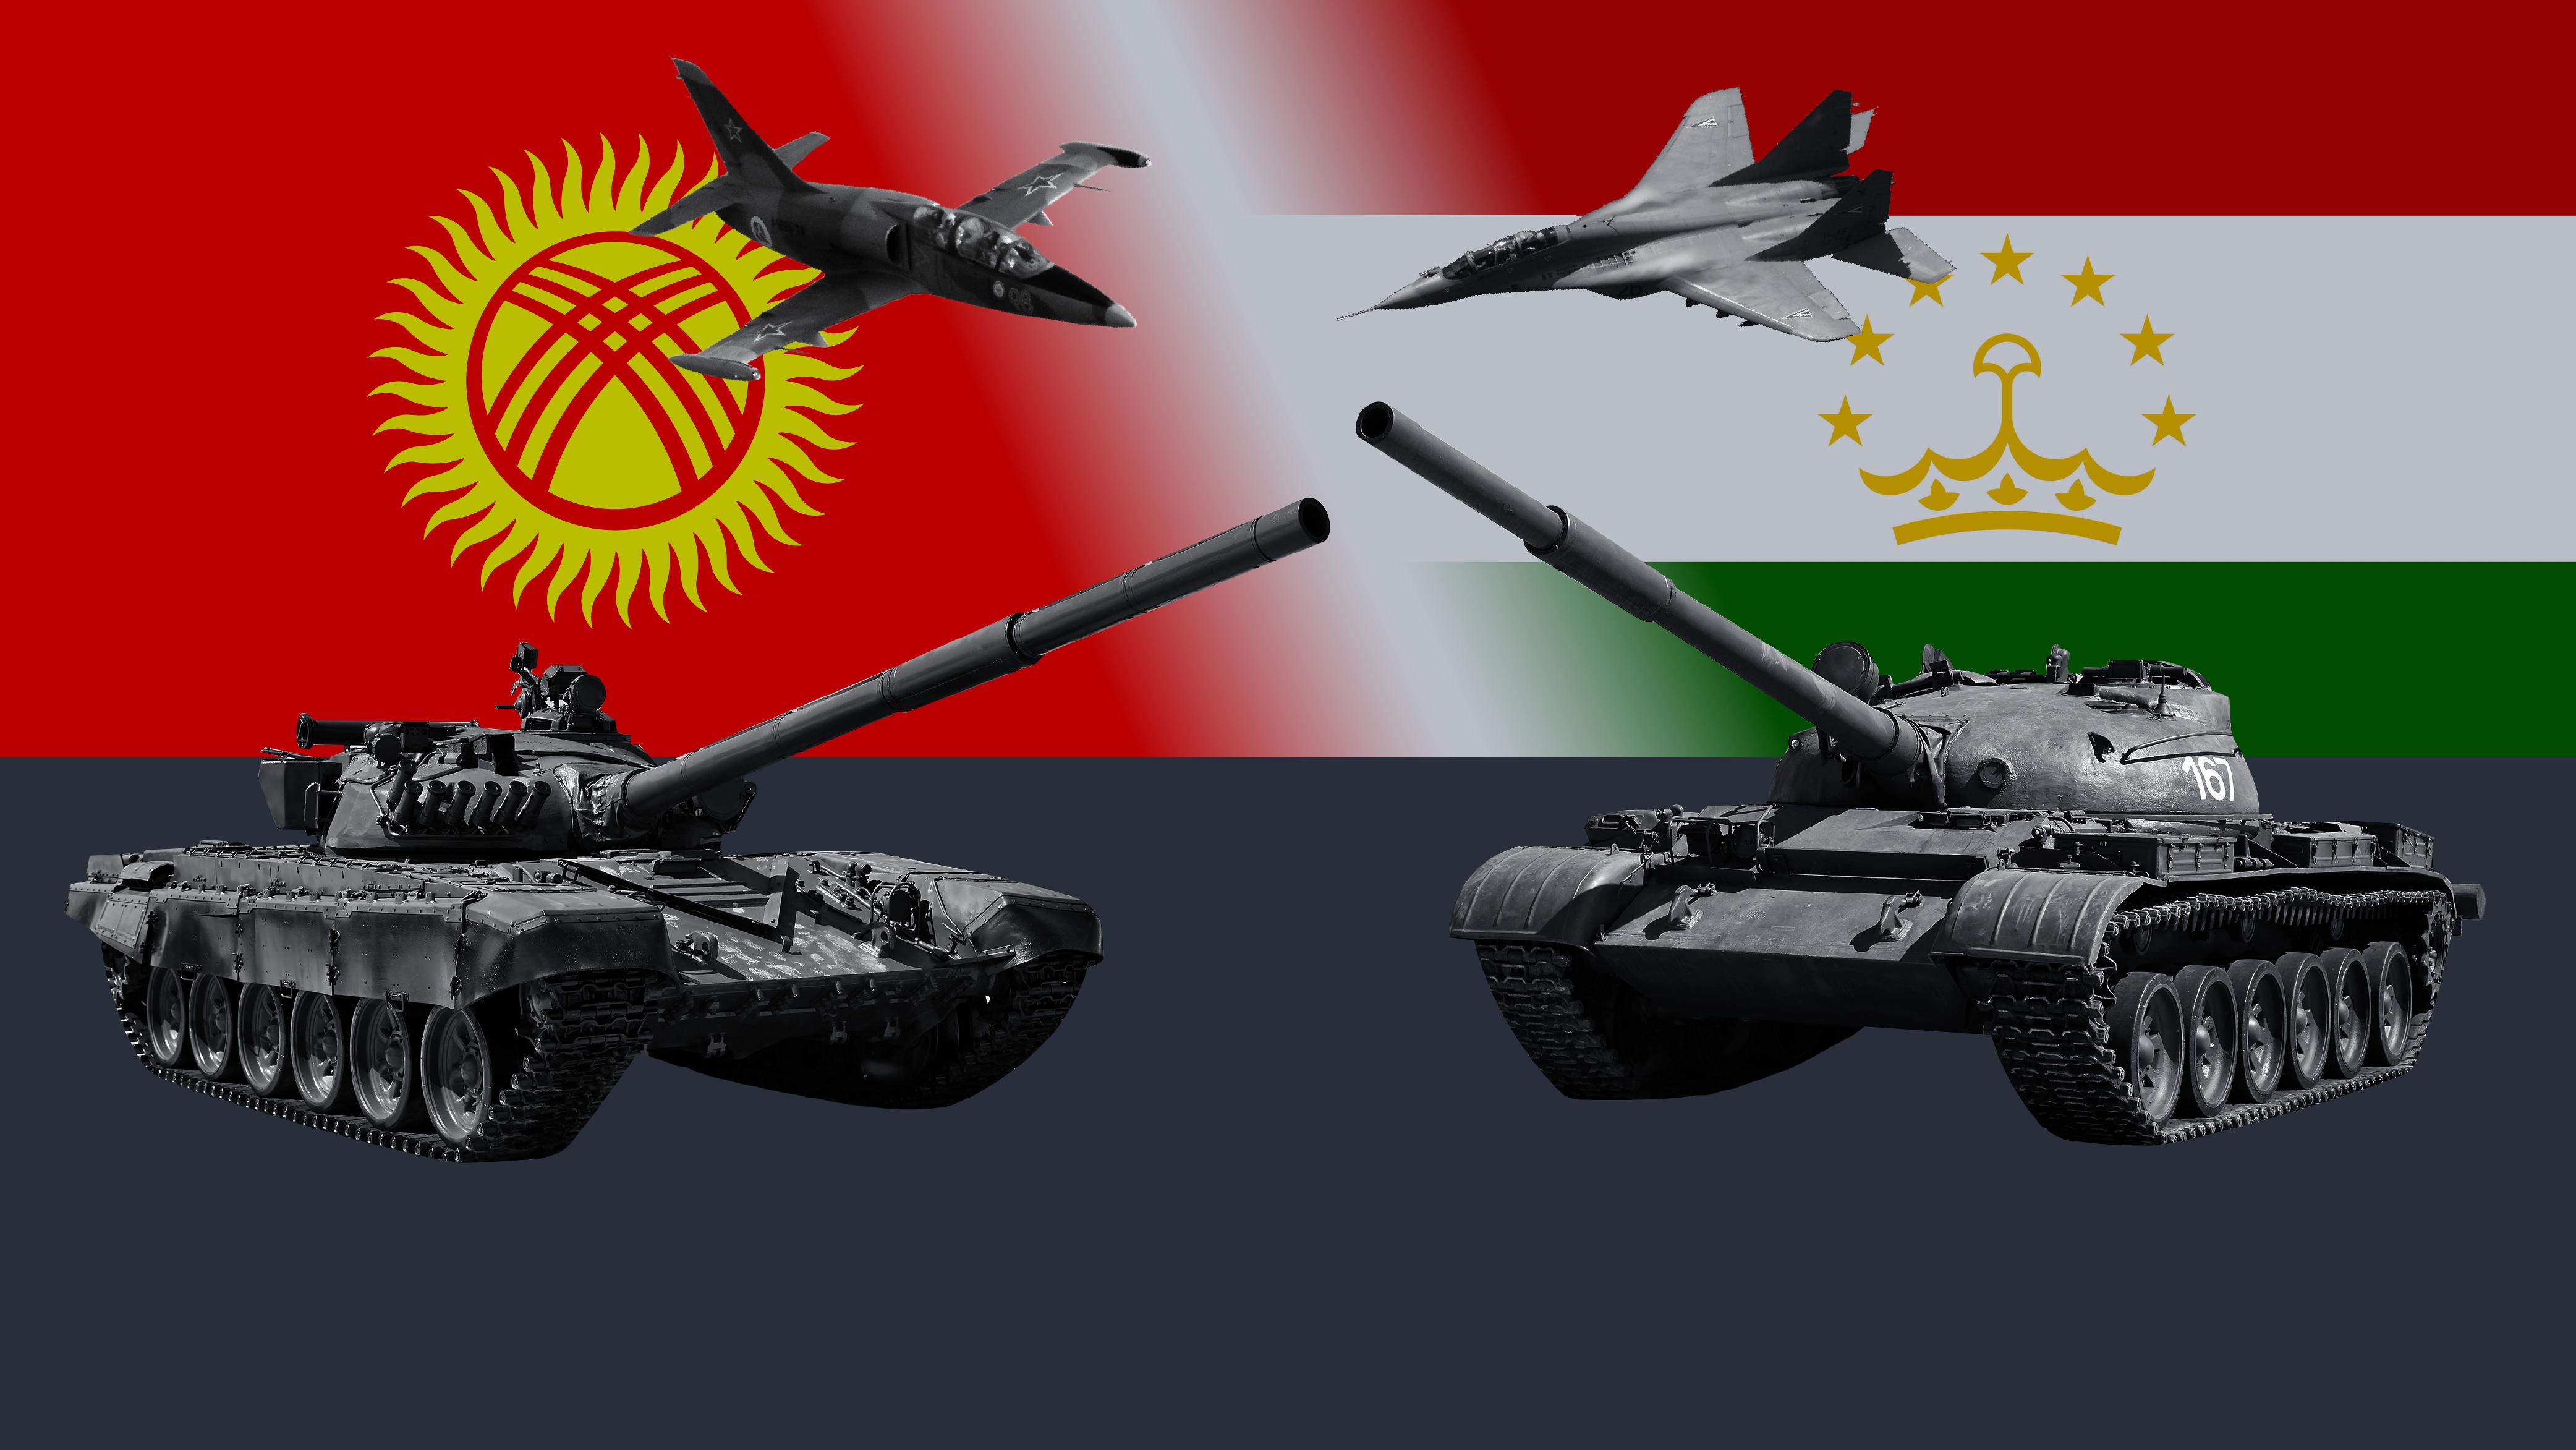 Война камнями и палками: сравниваем армии Киргизии и Таджикистана